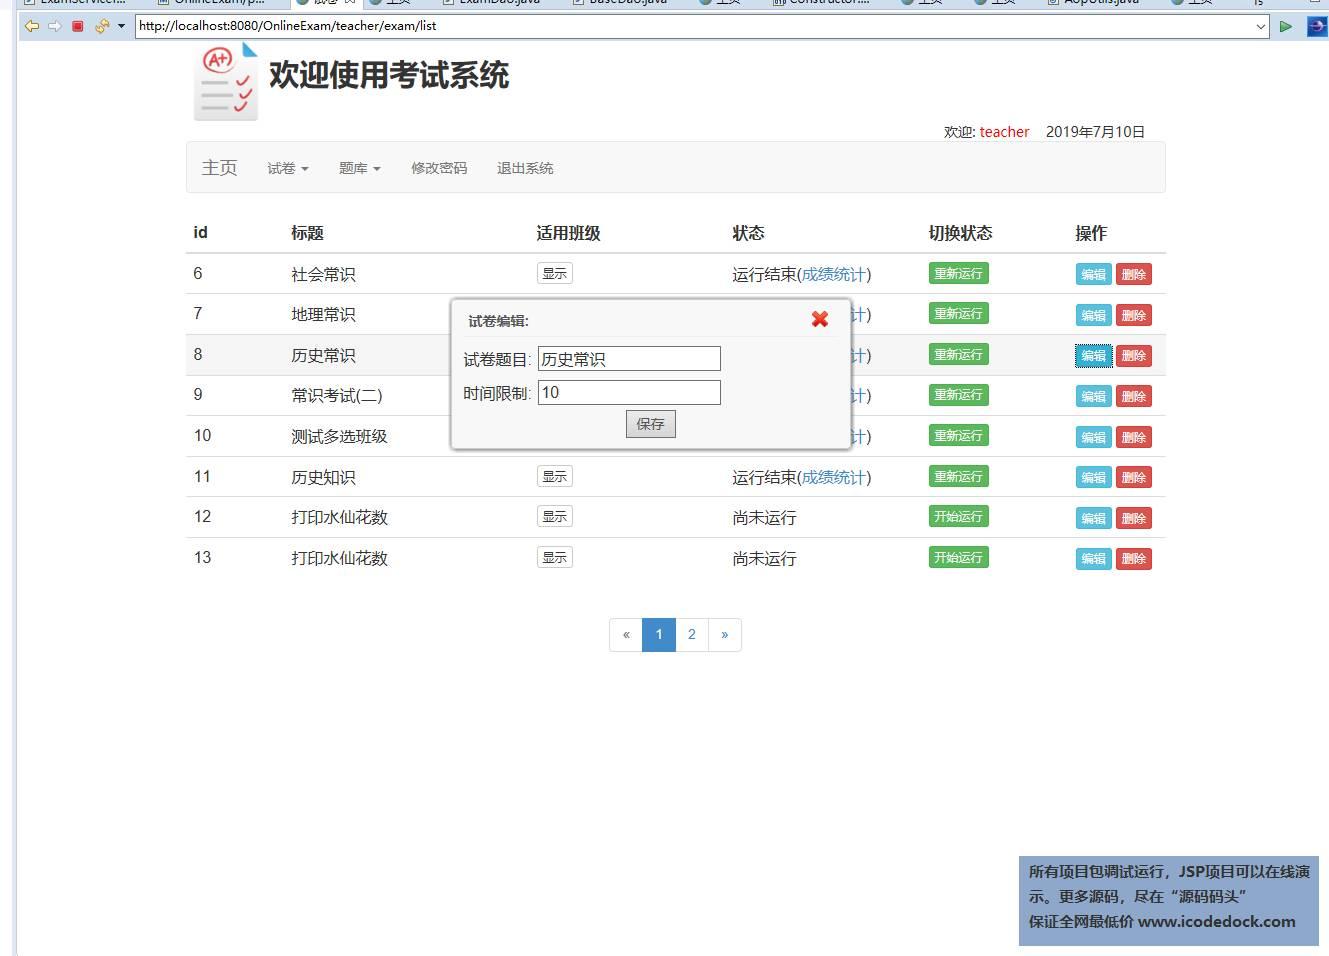 源码码头-Spring在线考试系统-教师角色-编辑试卷列表